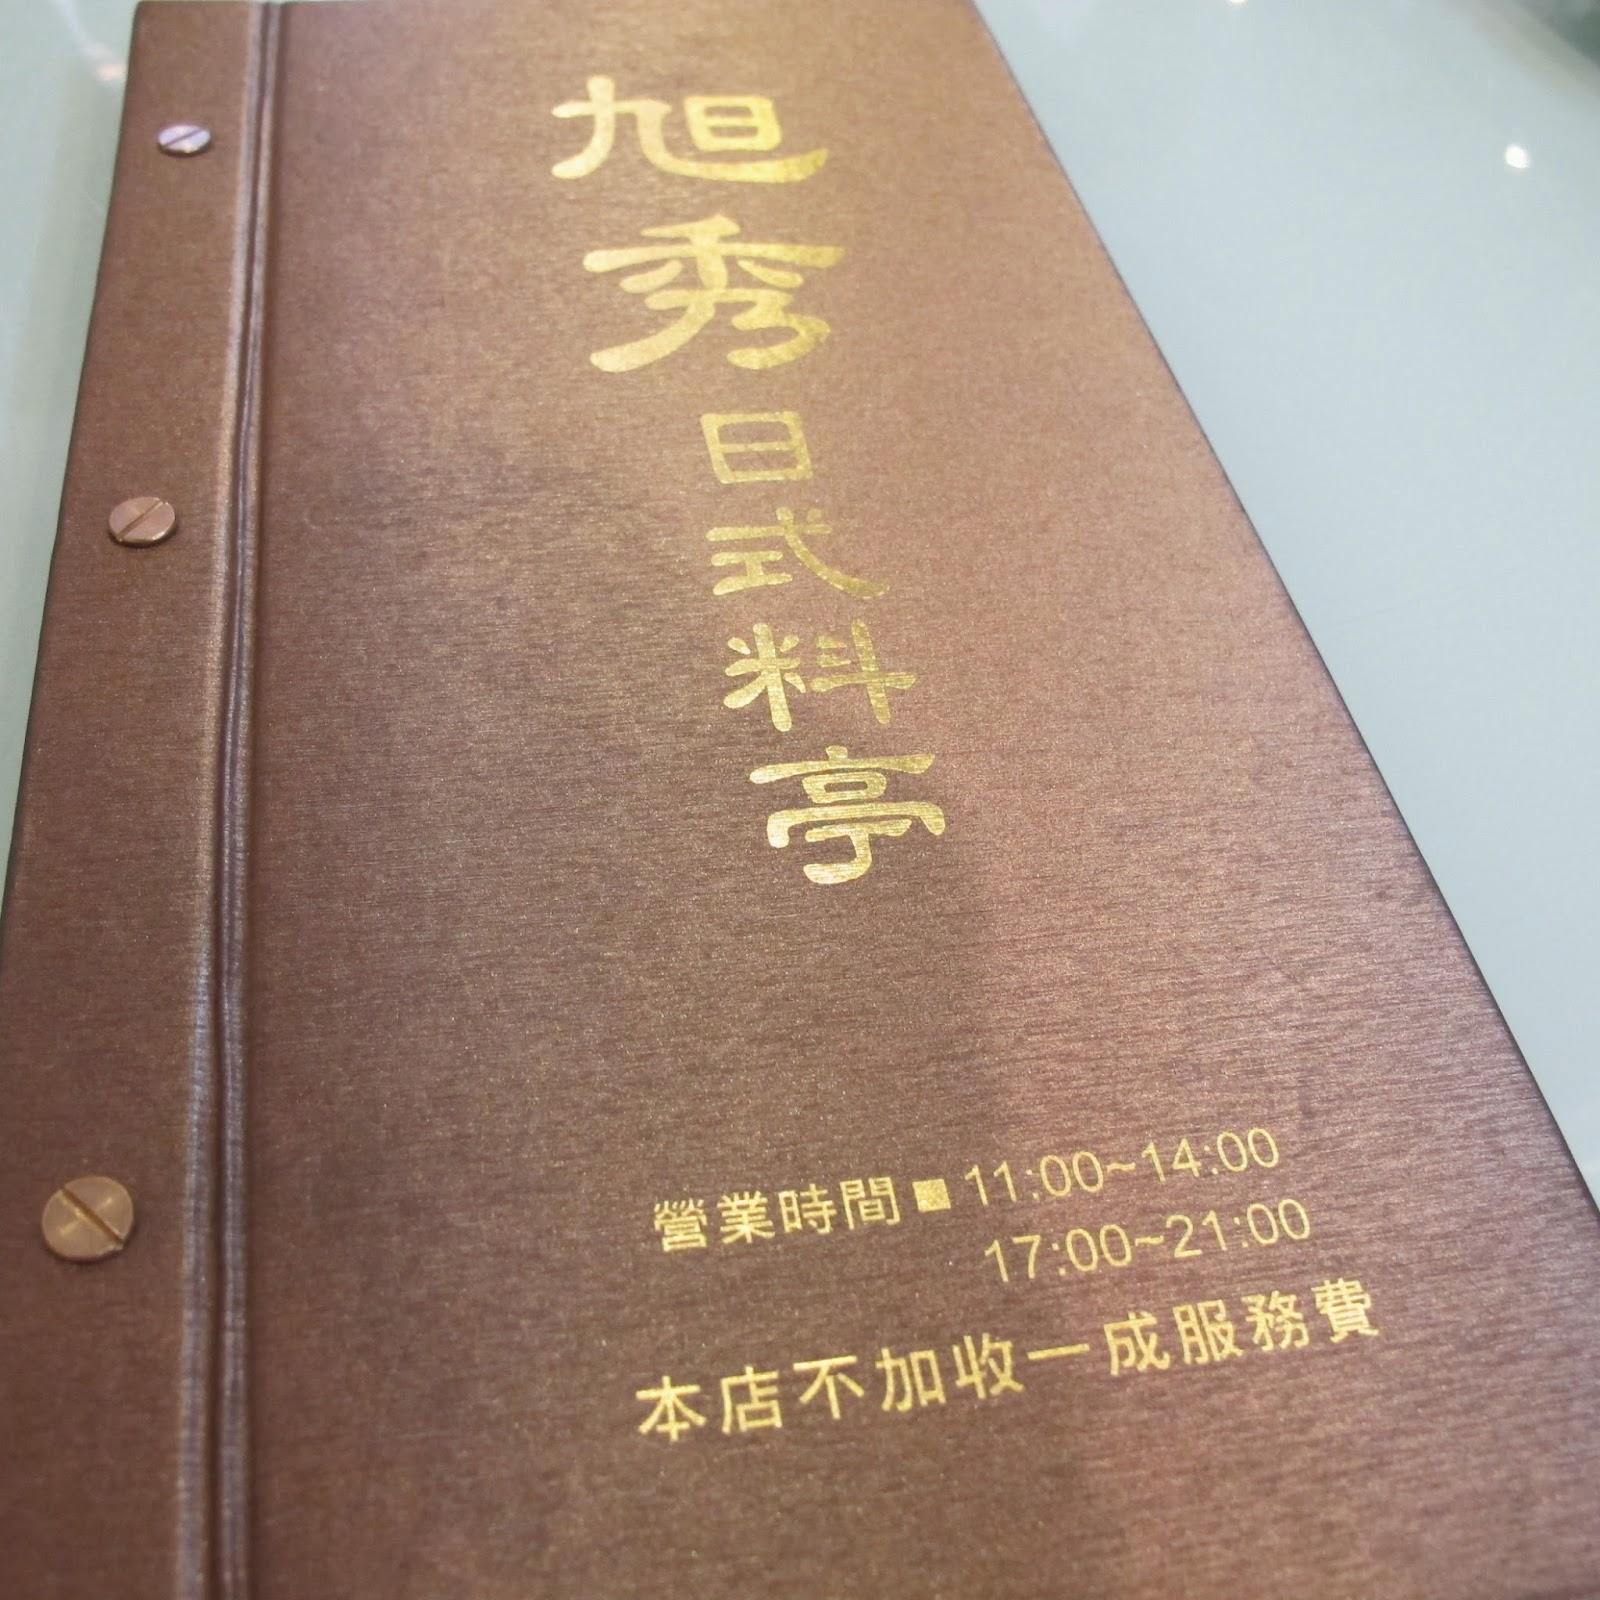 helloworld: 高雄食記- 旭秀日式料亭不加收服務費喲!近 ...